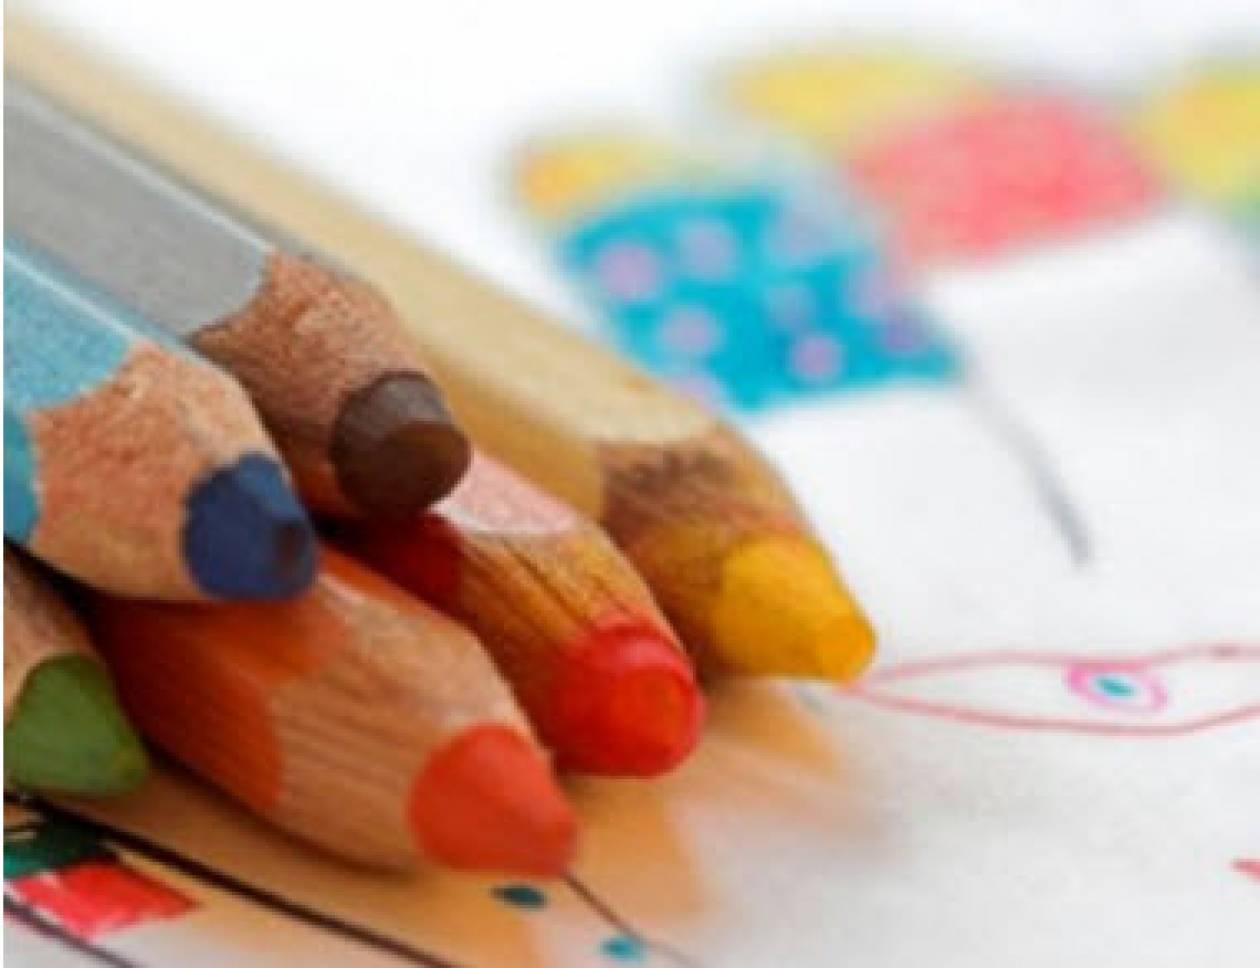 Ποτέ δεν είναι νωρίς για να γίνεις καλλιτέχνης